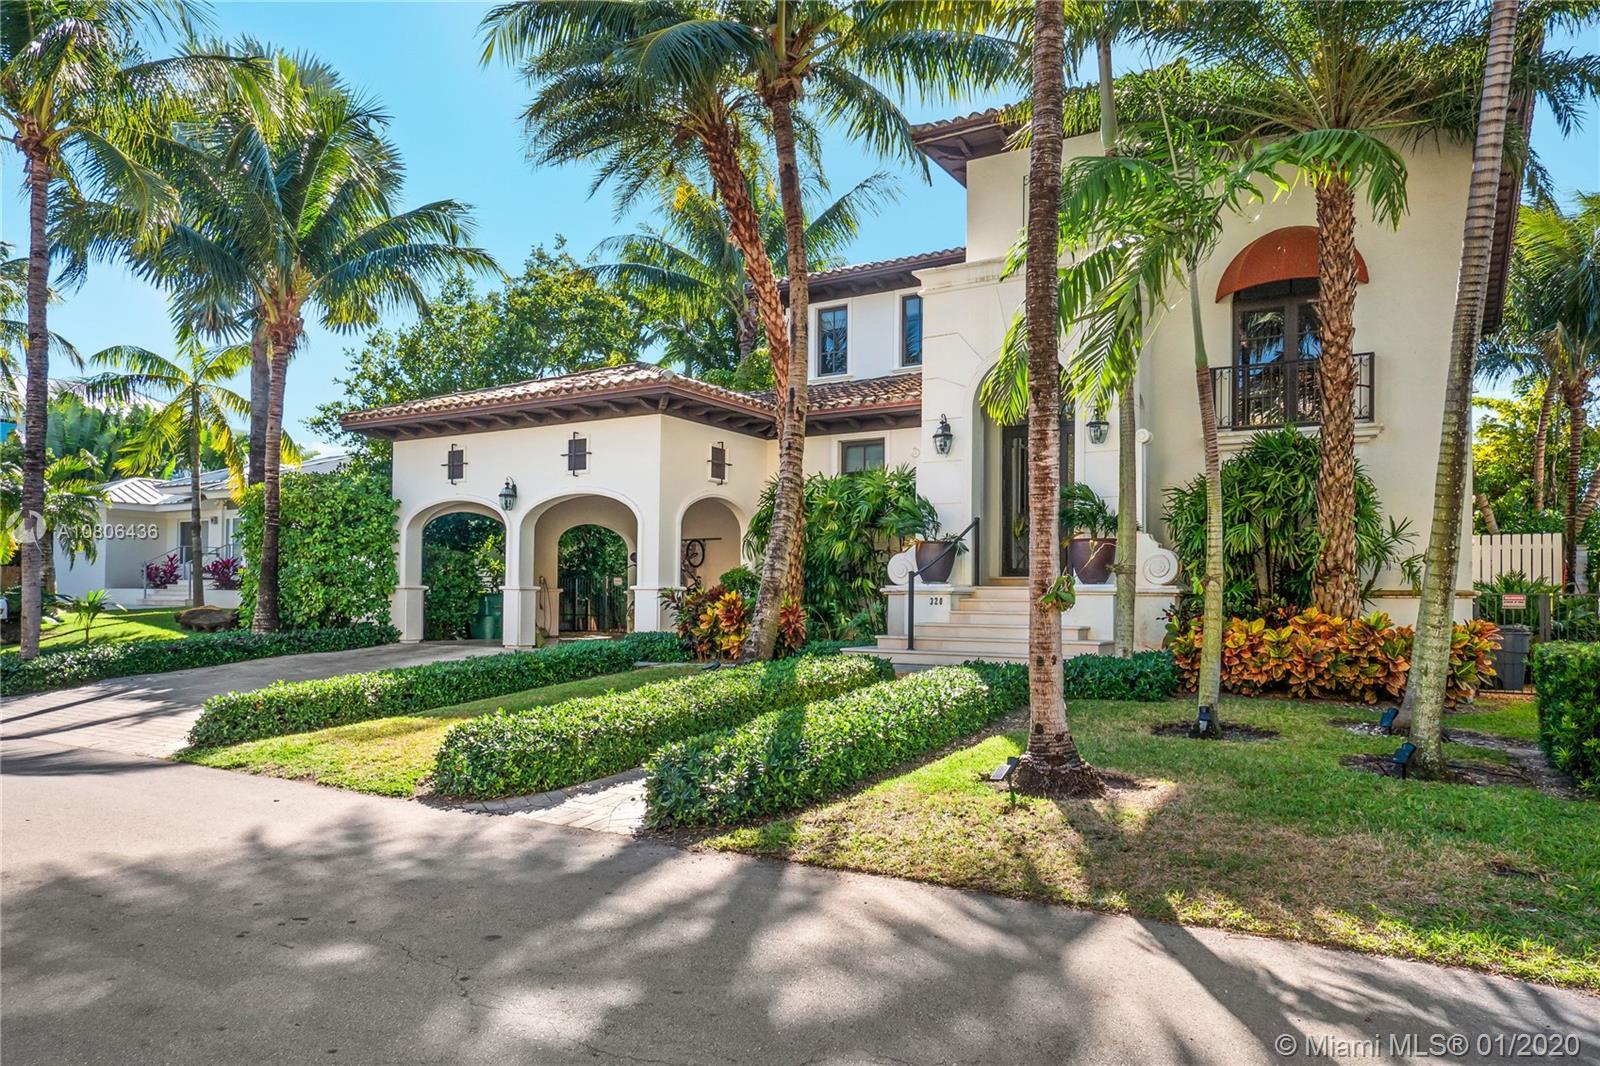 Tropical Isle Homes - 320 Palmwood Ln, Key Biscayne, FL 33149